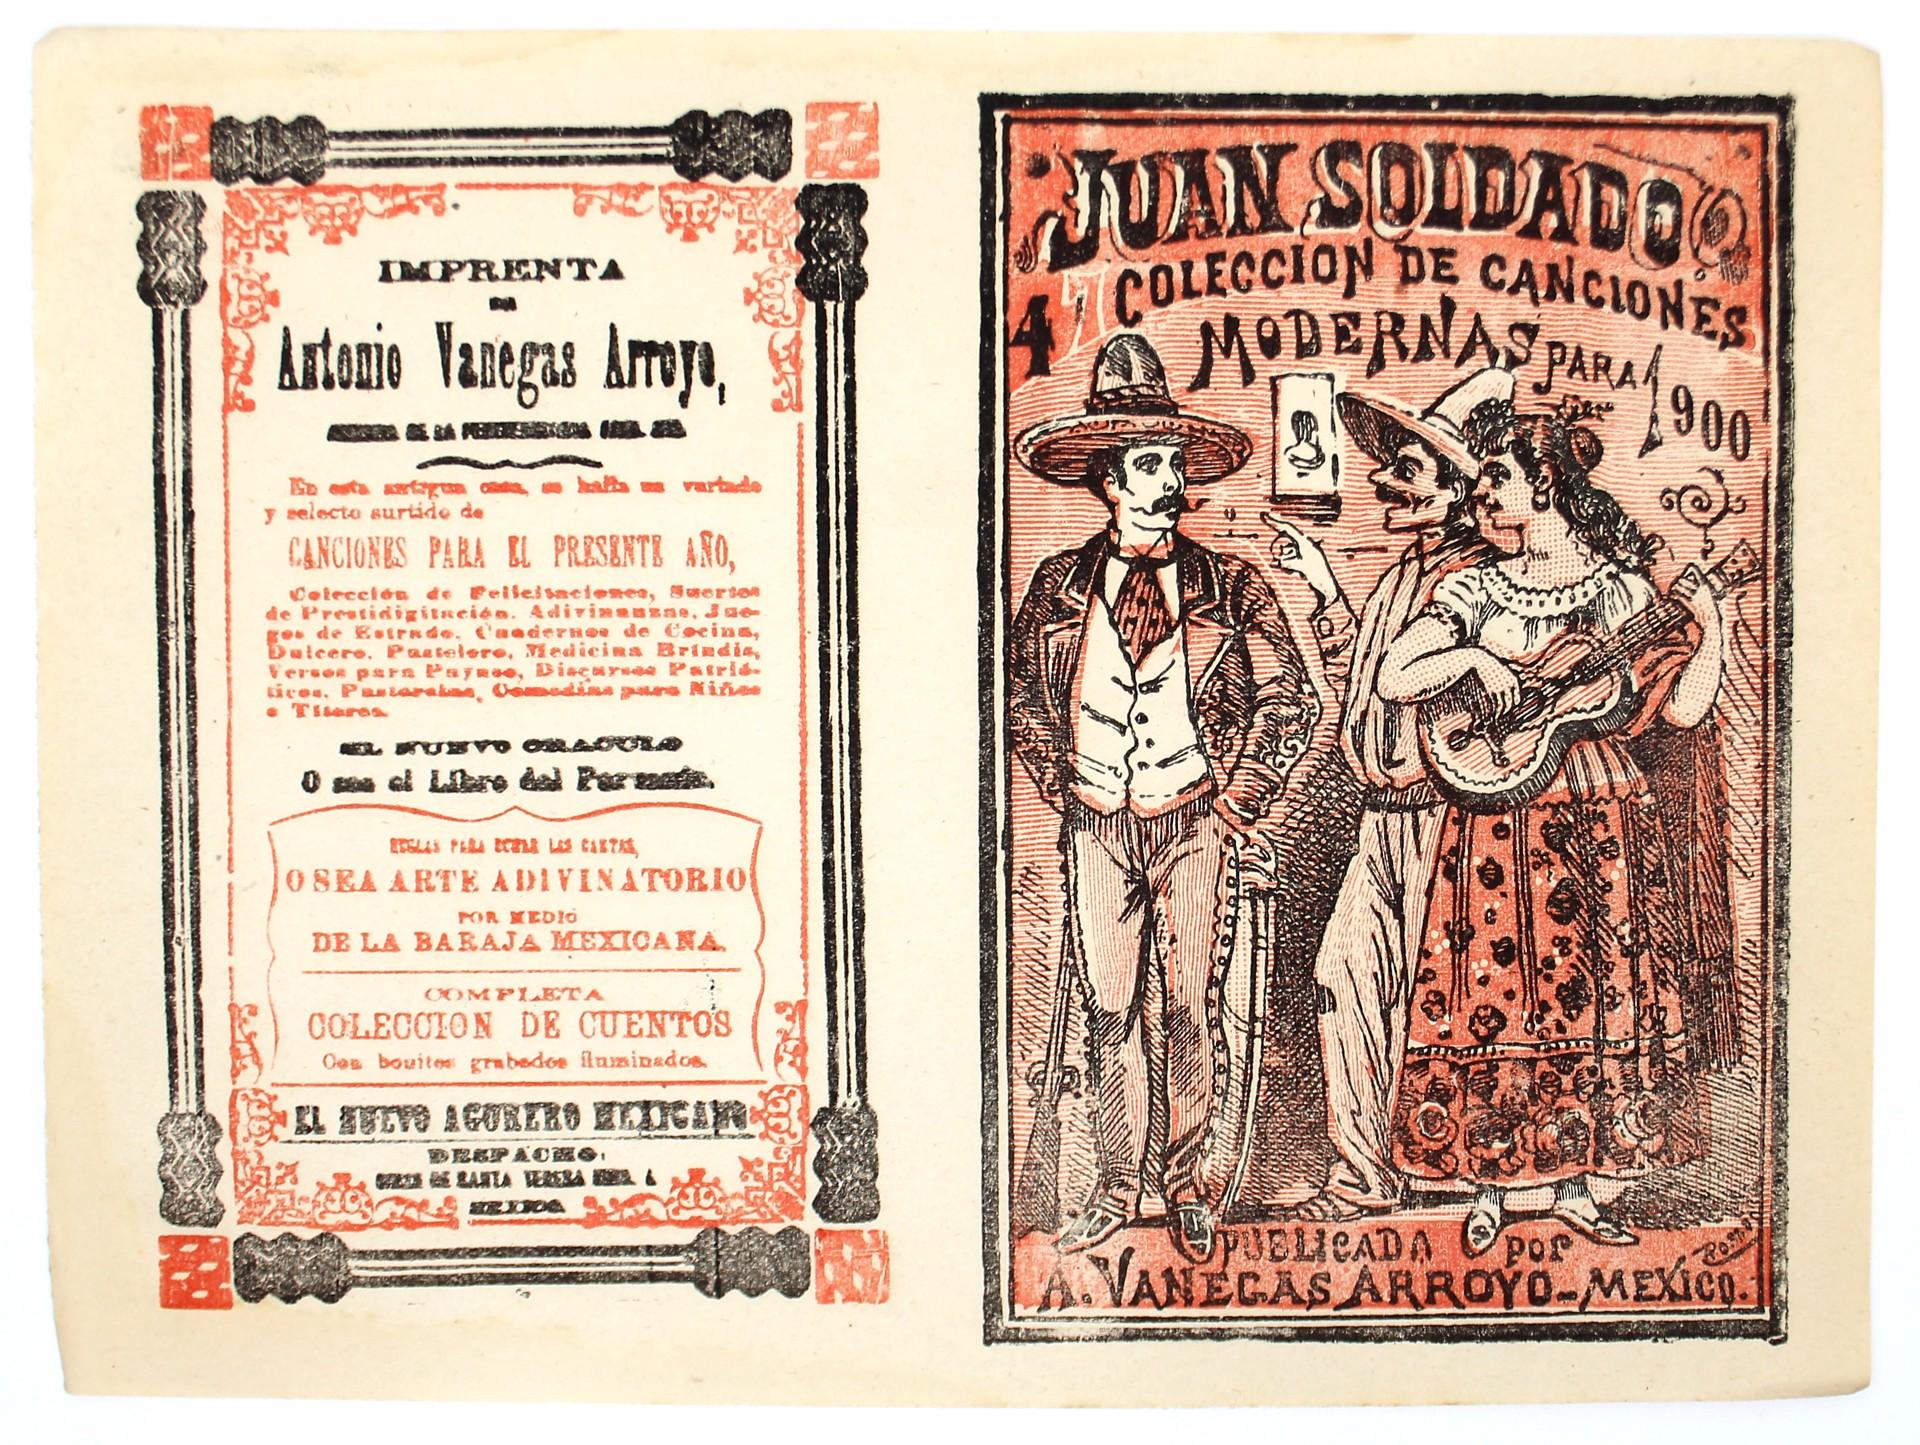 Juan Soldado. Coleccion de canciones modernas, No. 47 by José Guadalupe Posada (1852 - 1913)